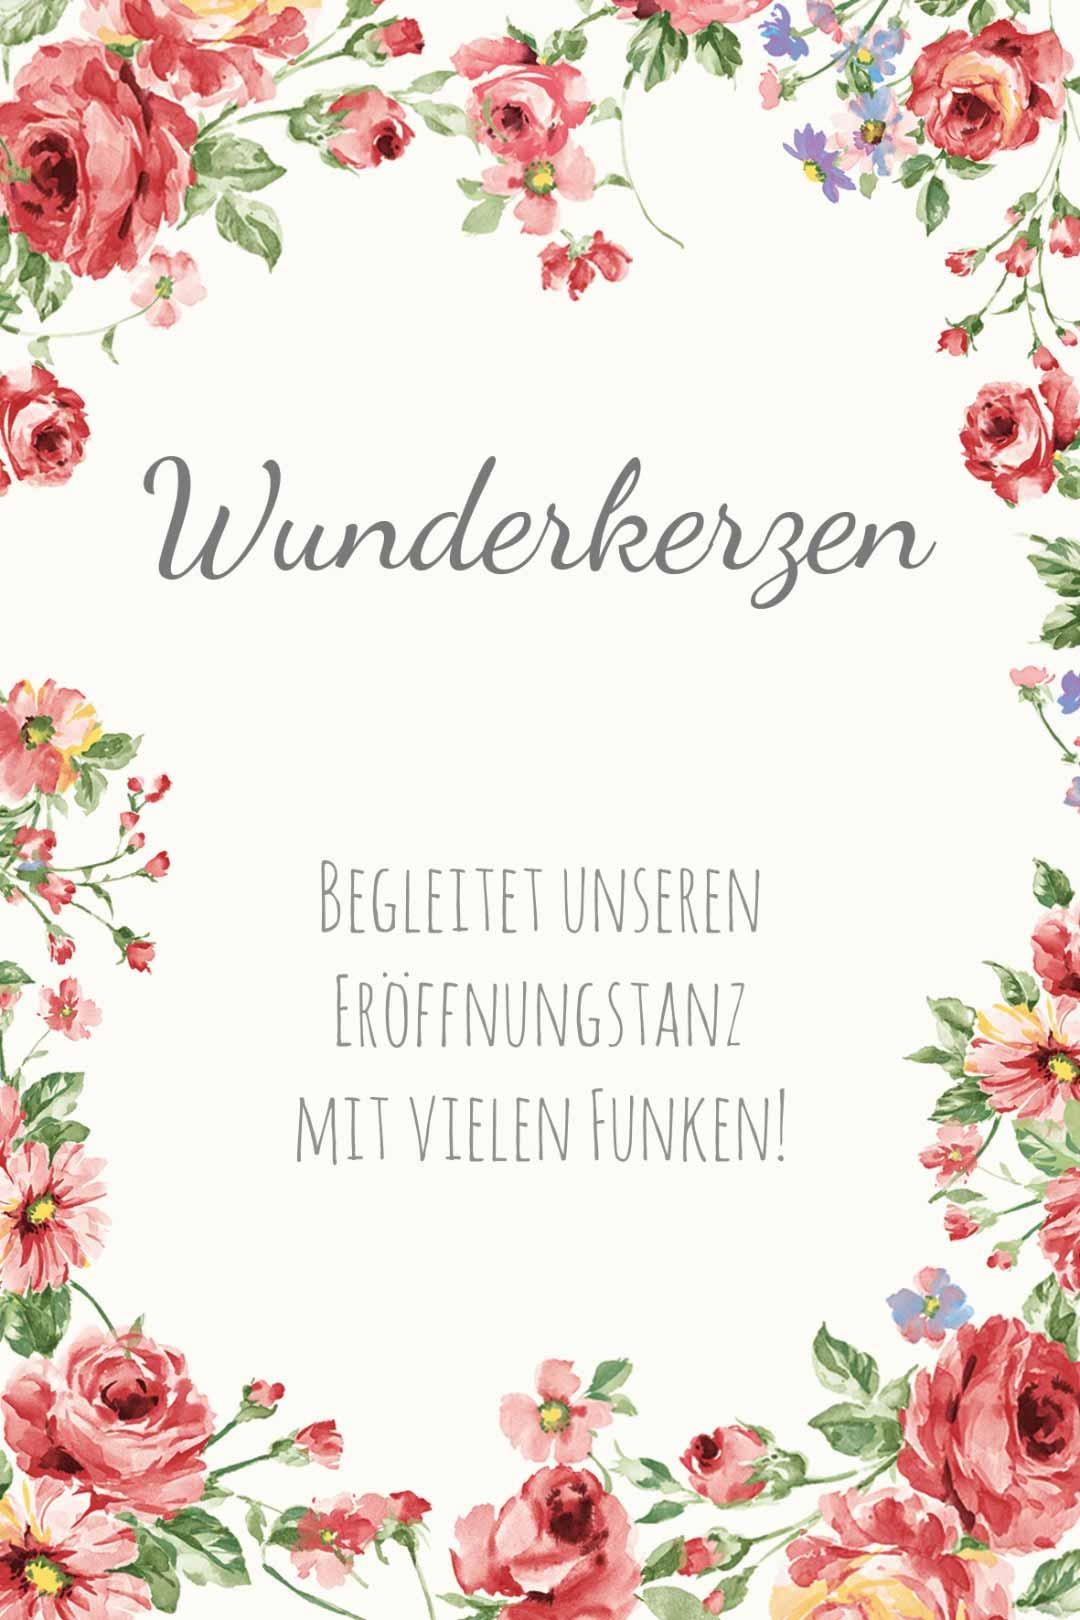 Schild im blumigen Design als Vorlage für die Hochzeit: Wunderkerzen